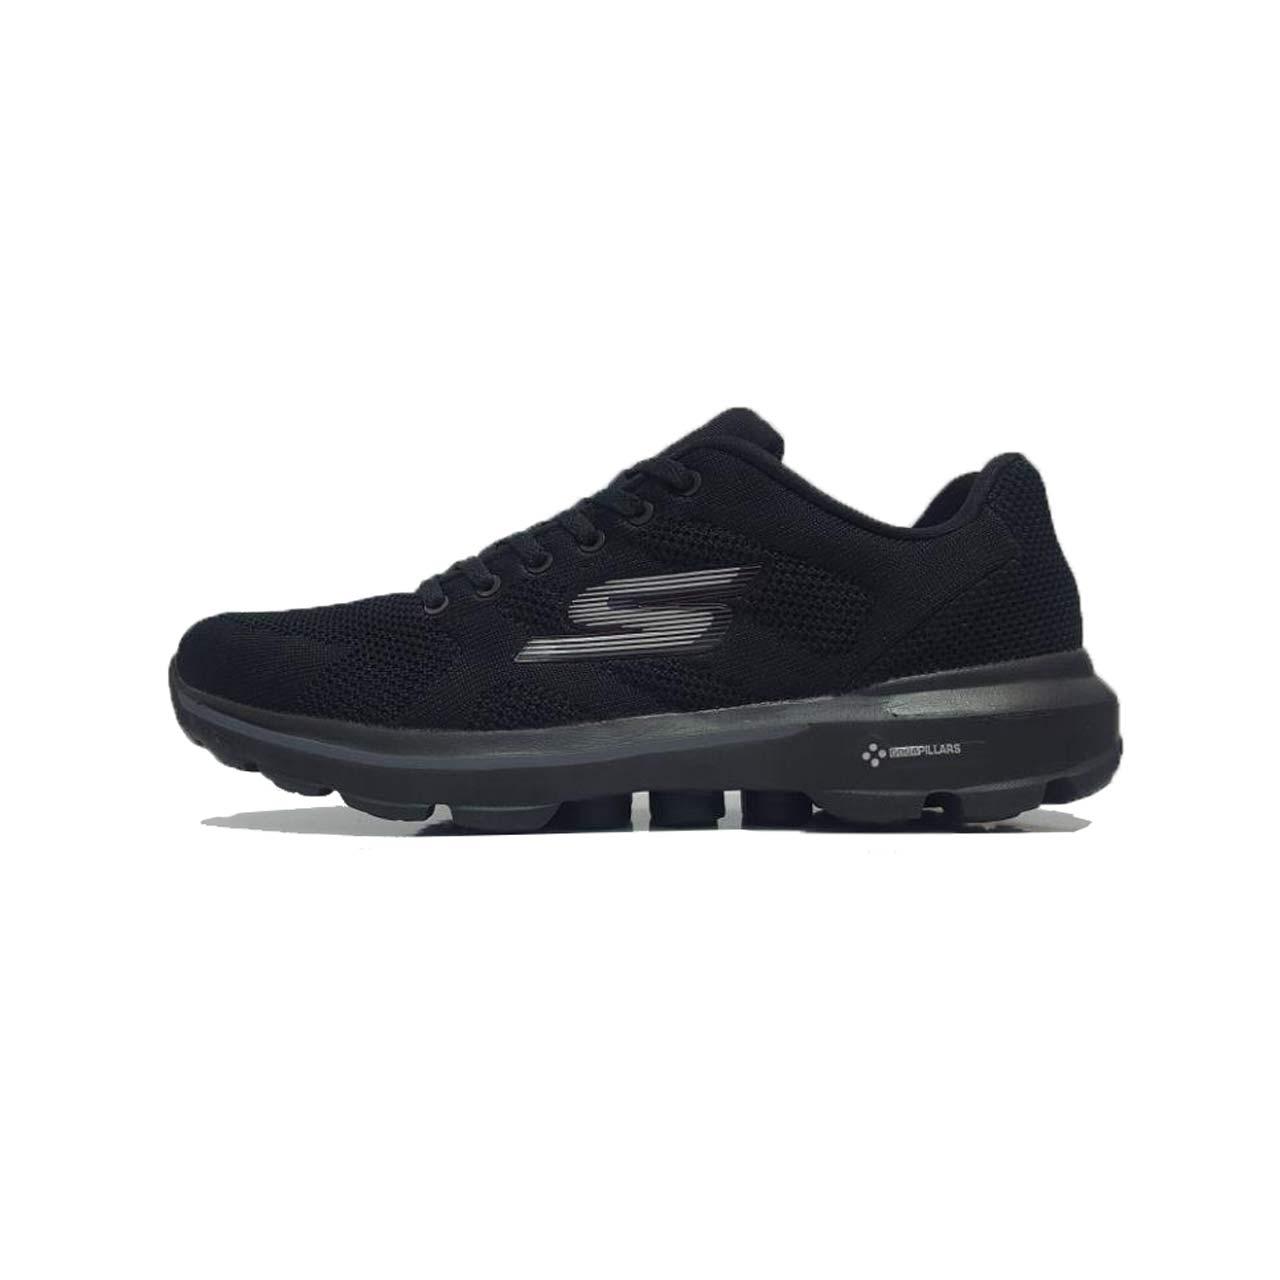 کفش مخصوص پیاده روی مردانه اسکچرز مدل GO WALK 3 PILARS-BLAK